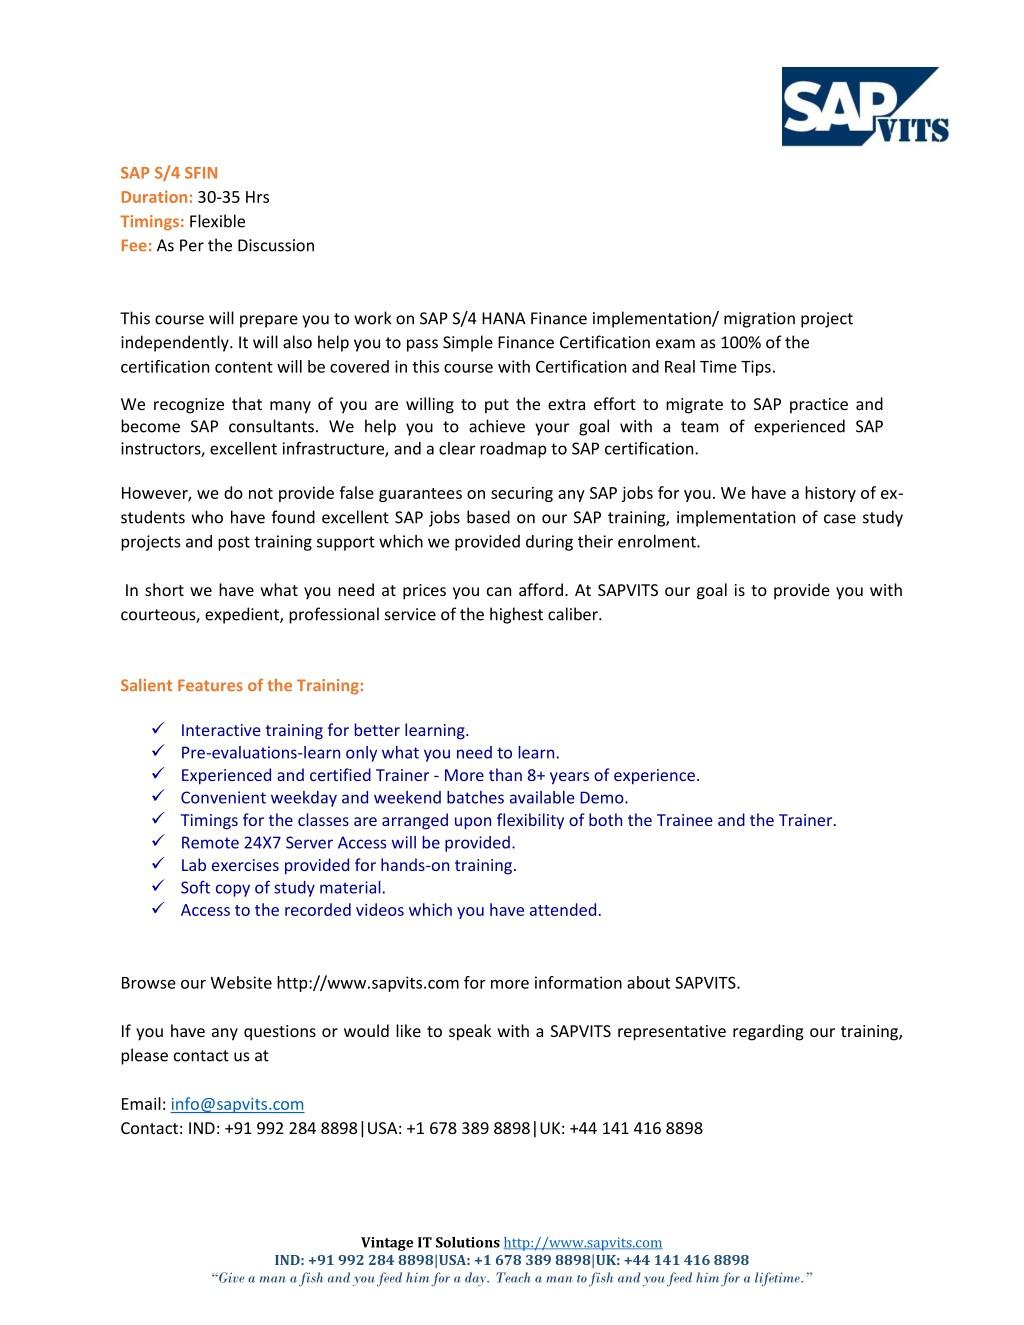 Ppt Sap Simple Finance Course Content Pdf Powerpoint Presentation